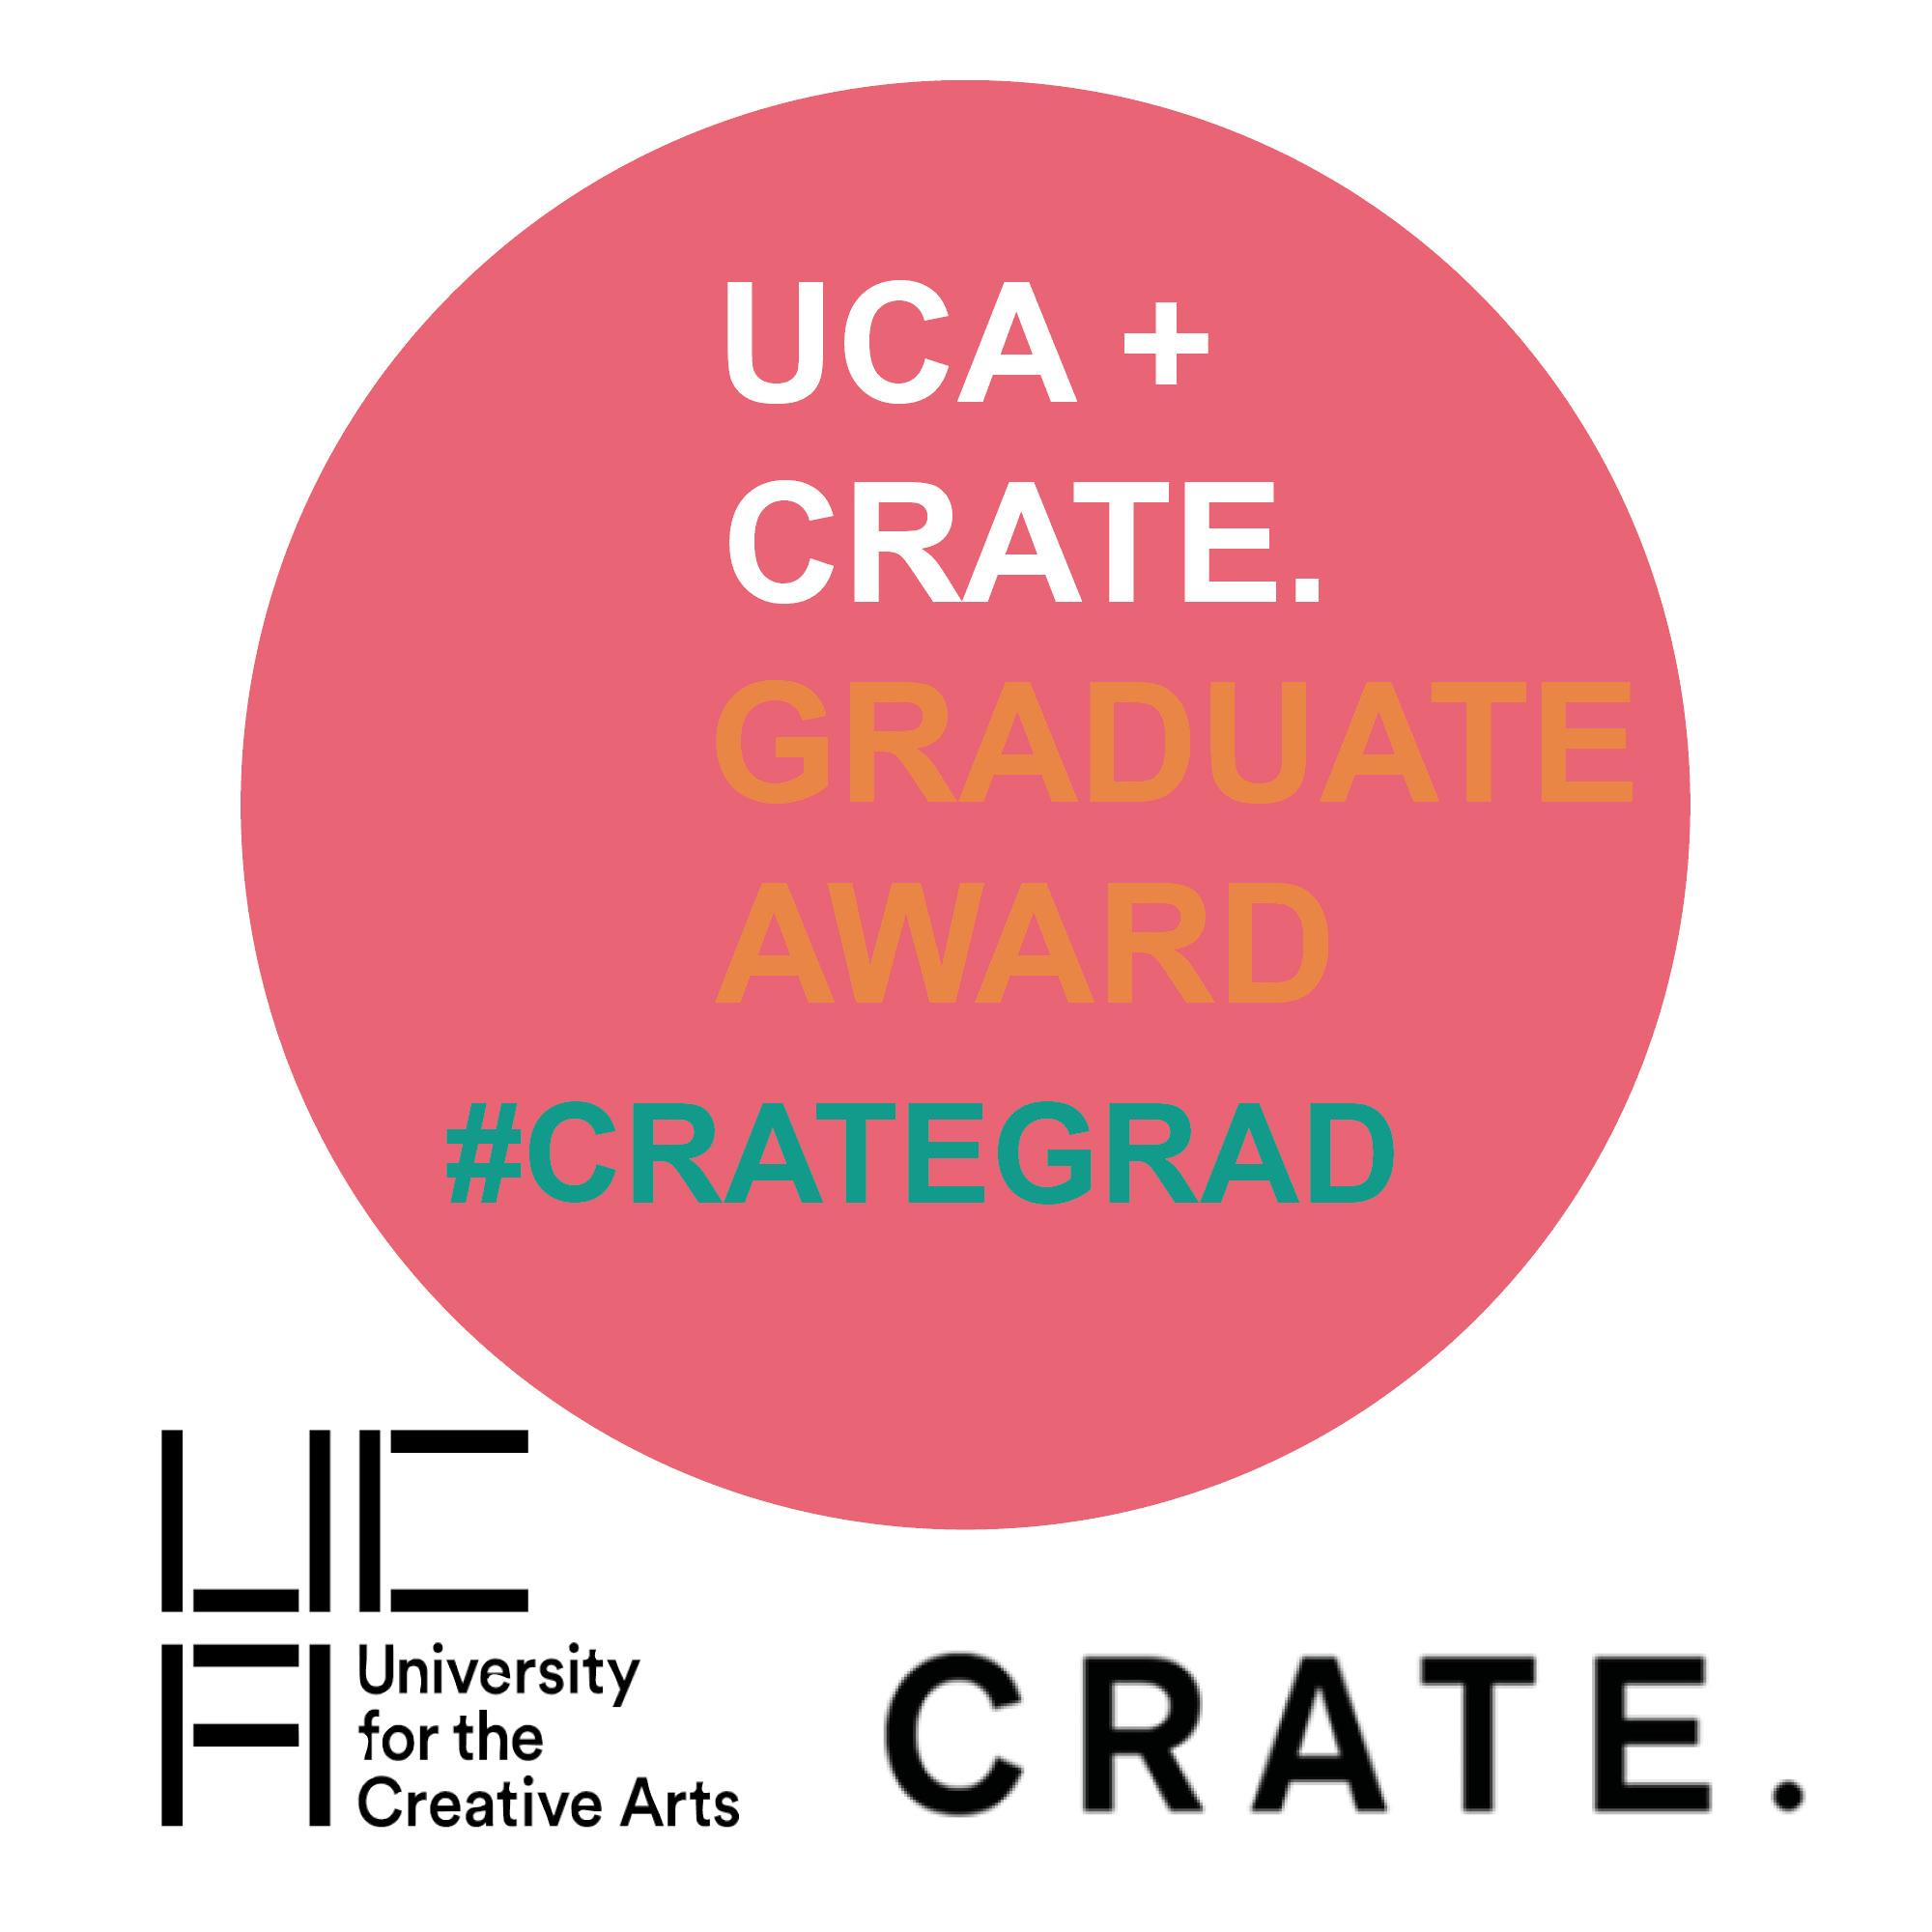 Grad-award